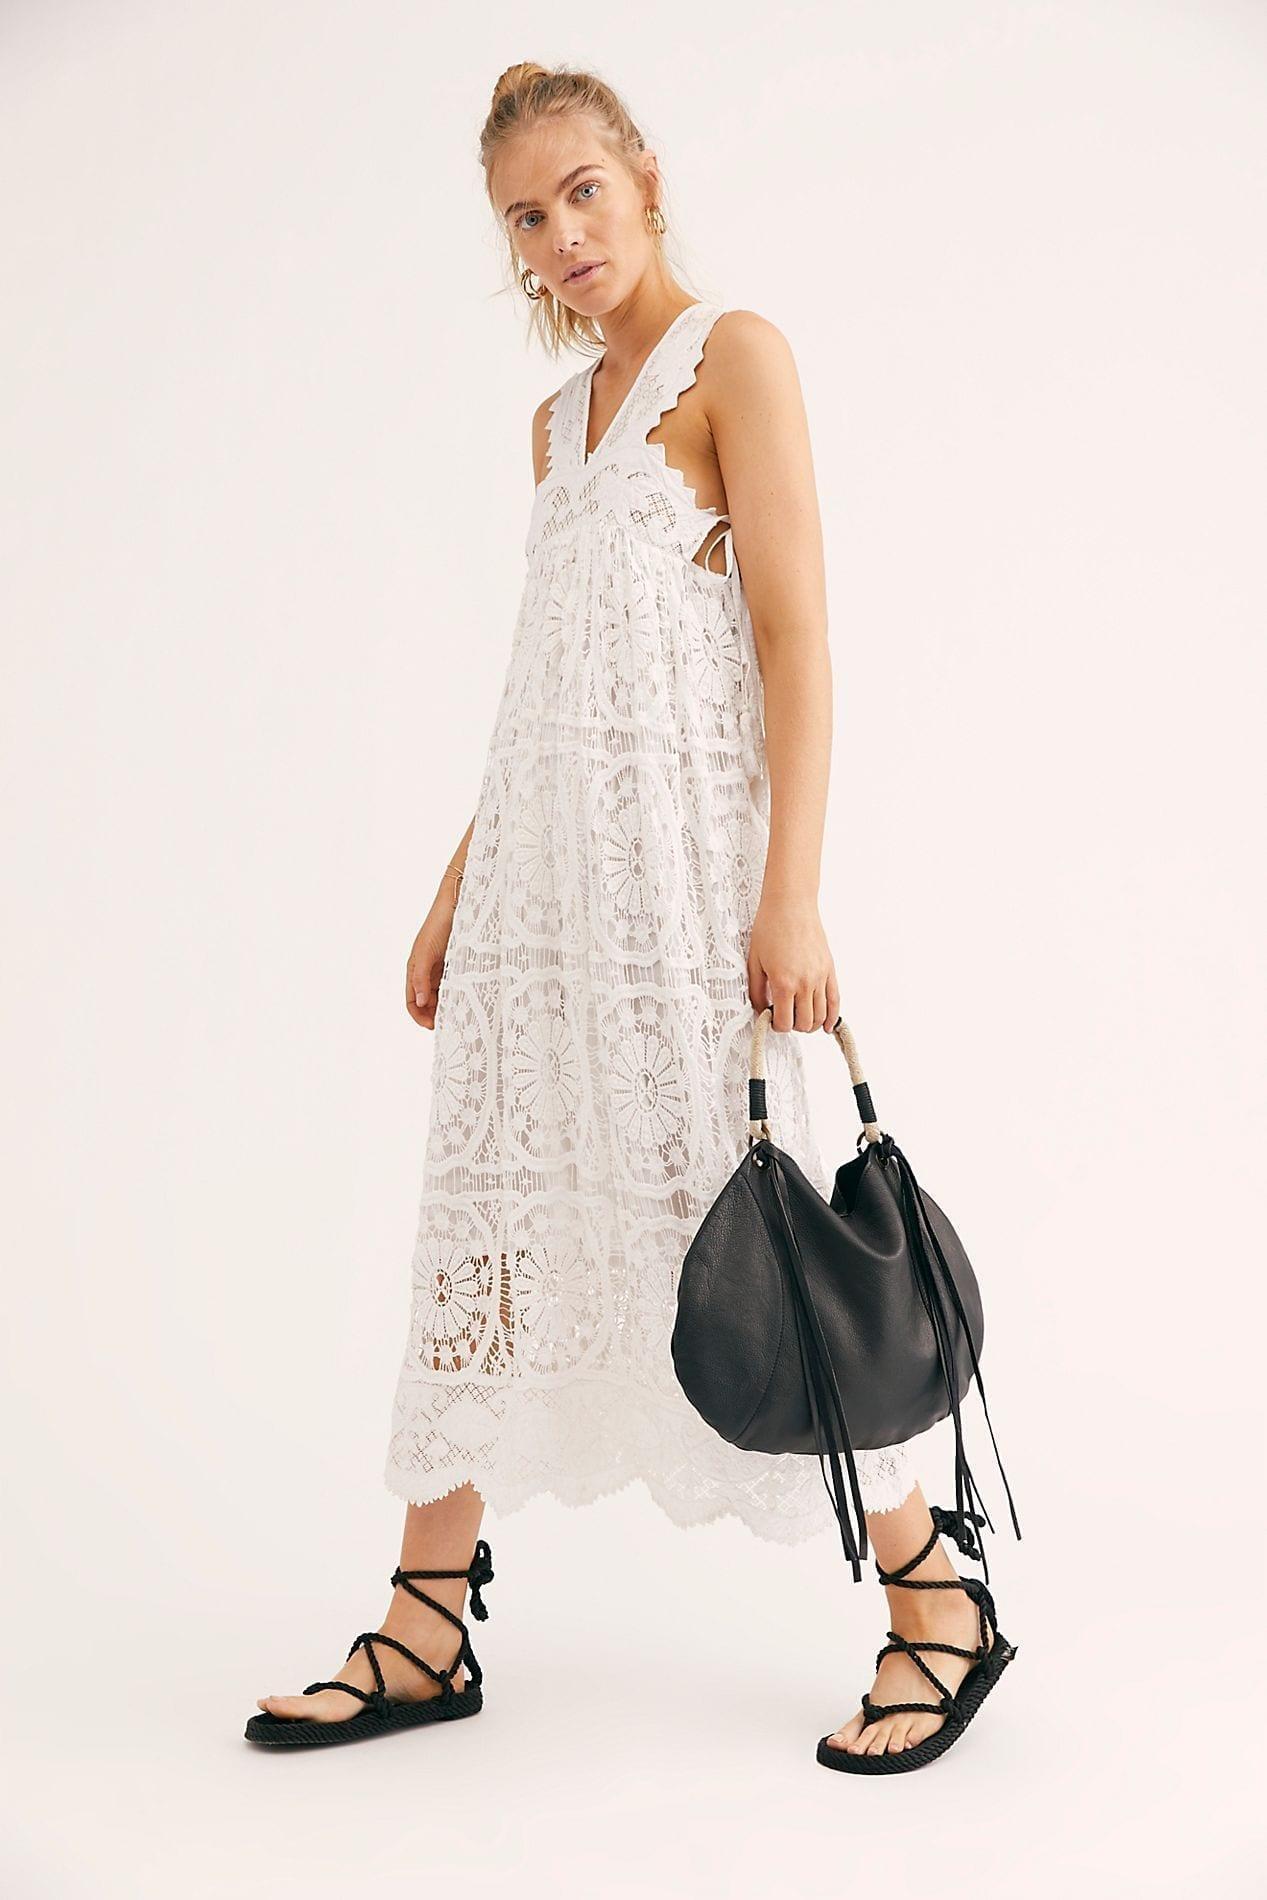 PLACE NATIONALE Foix Lace Maxi White Dress